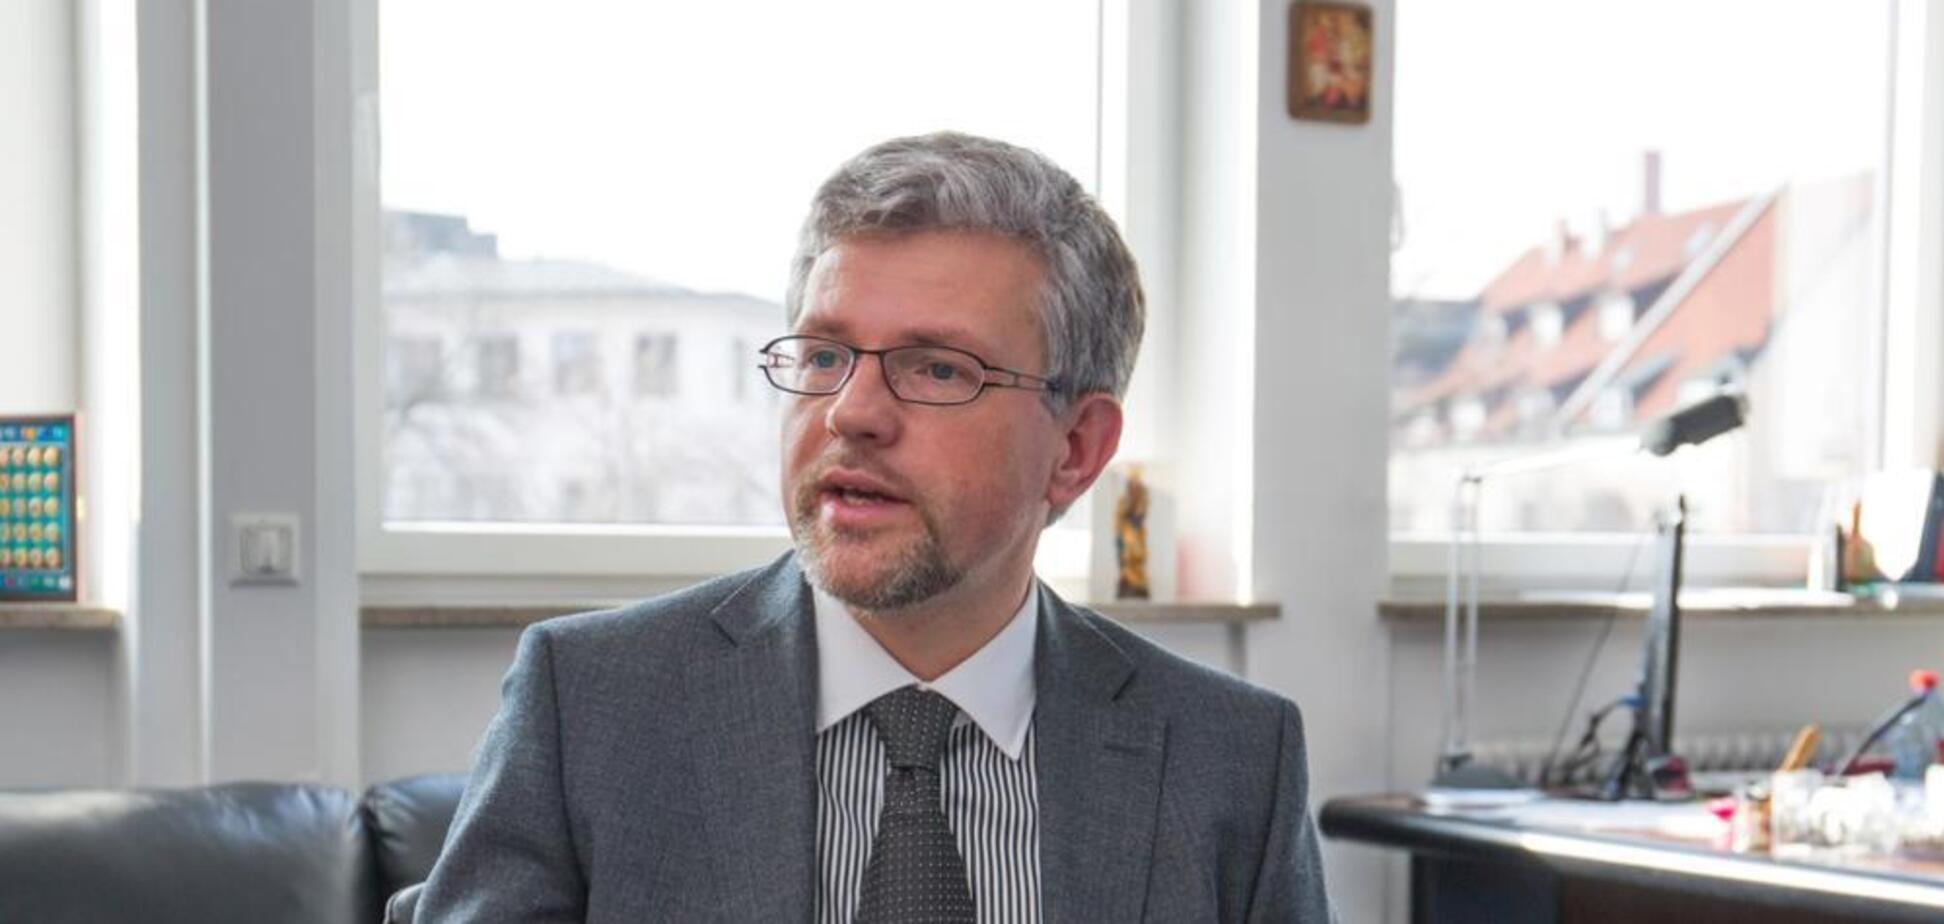 Між Україною та Німеччиною спалахнув дипломатичний скандал